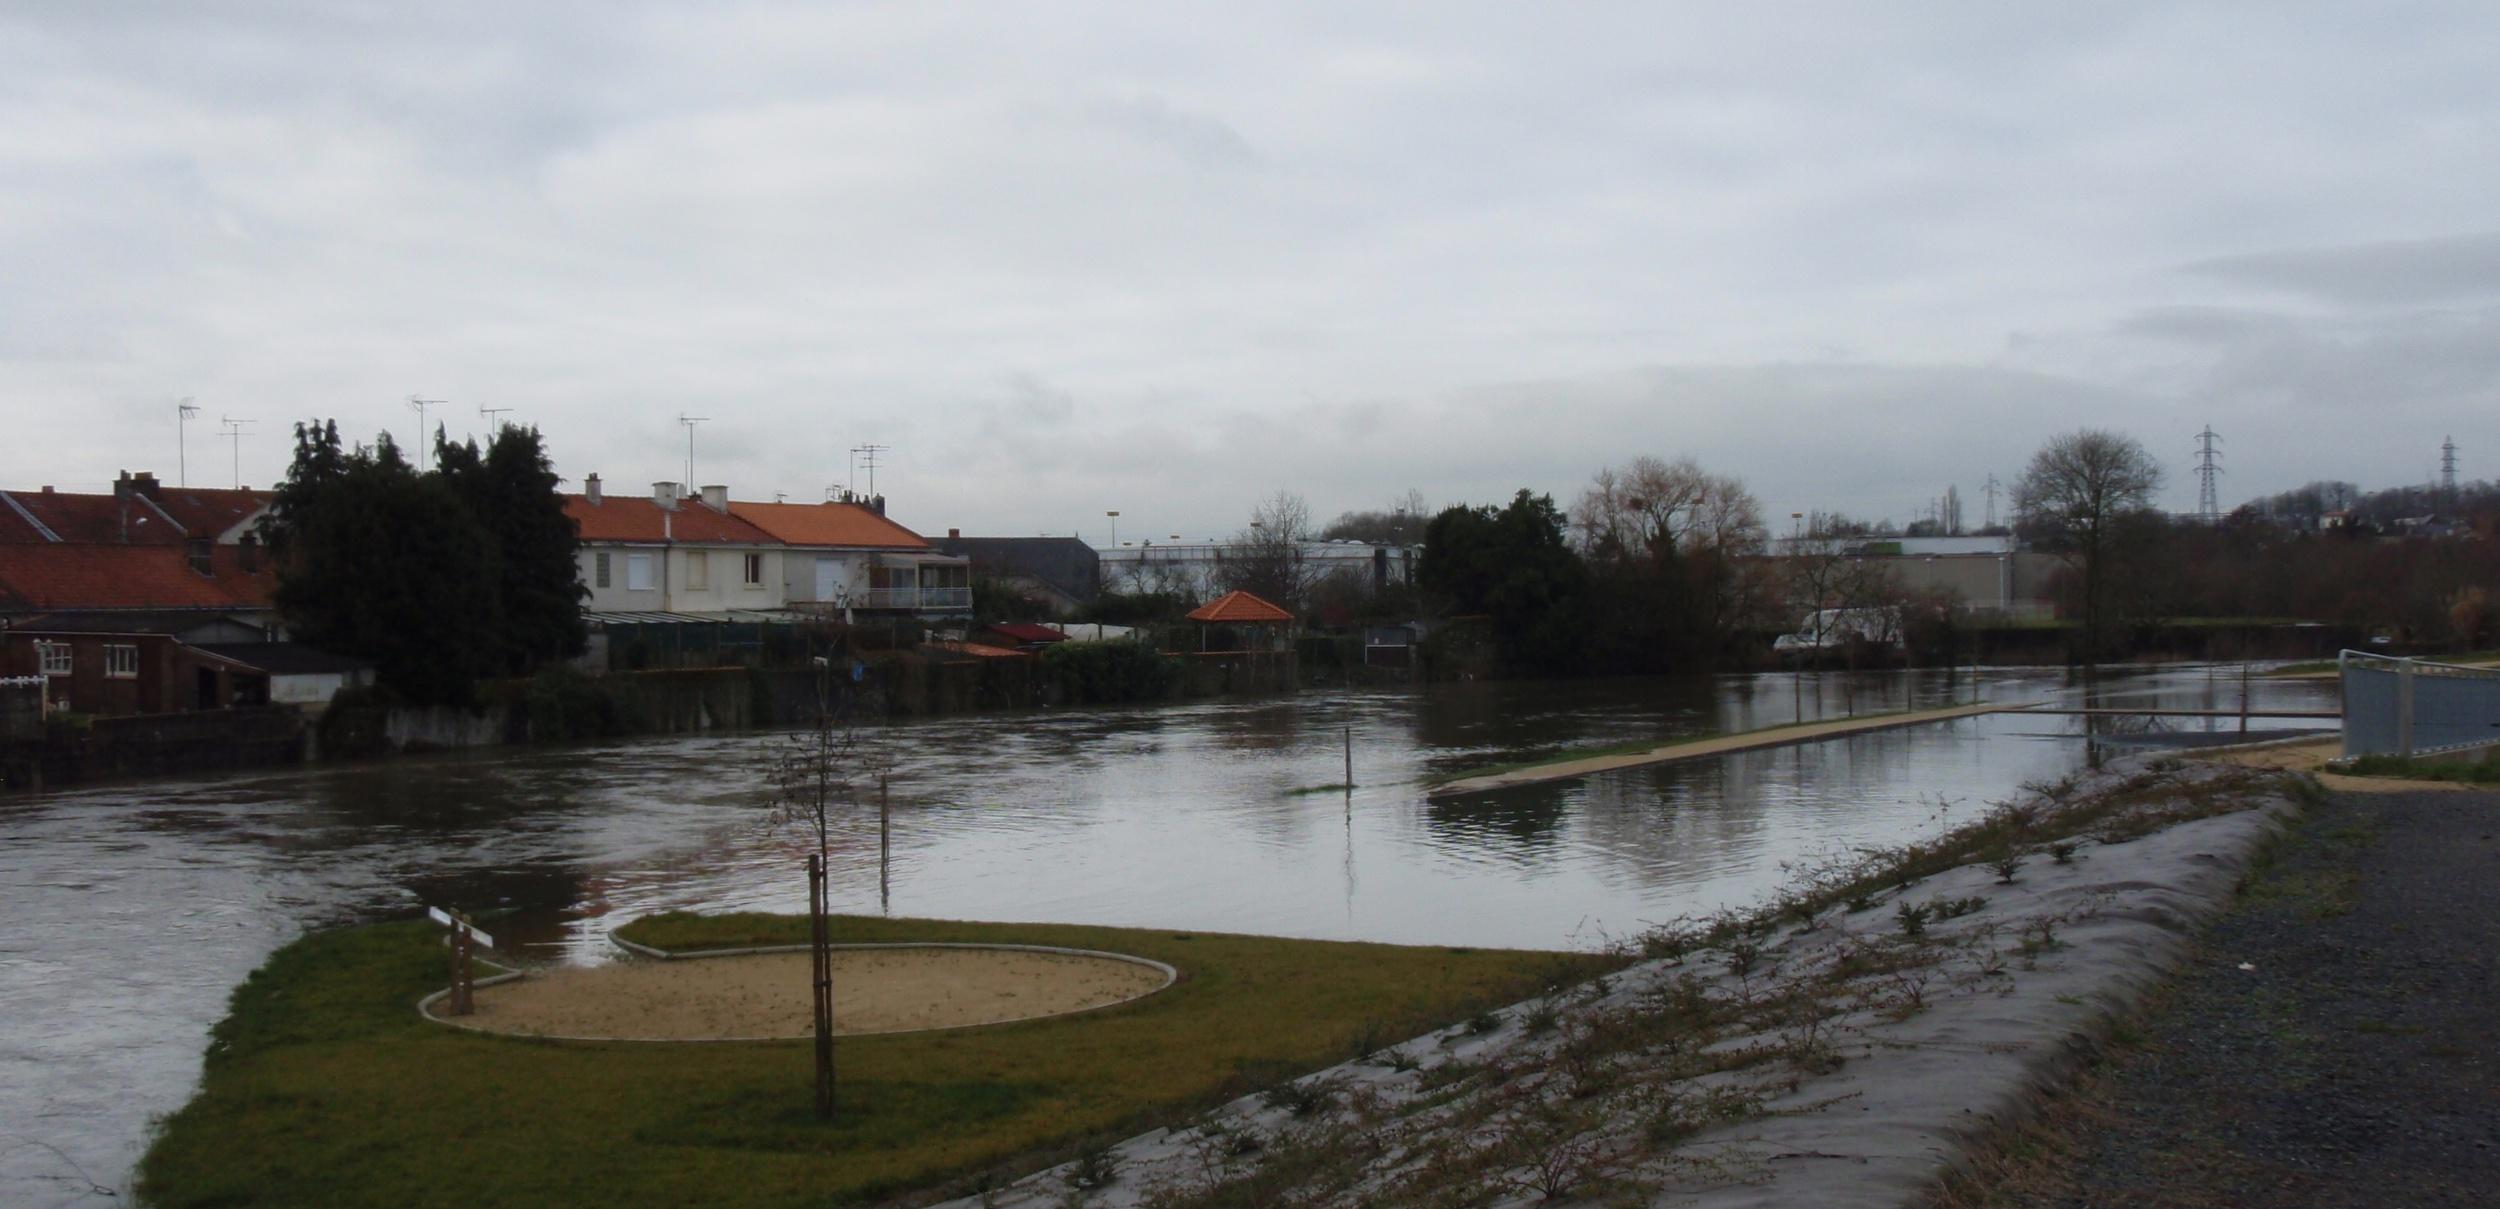 Réouverture du lit majeur de la Moine à Cholet réalisée dans le cadre du PAPI (crue de février 2014)